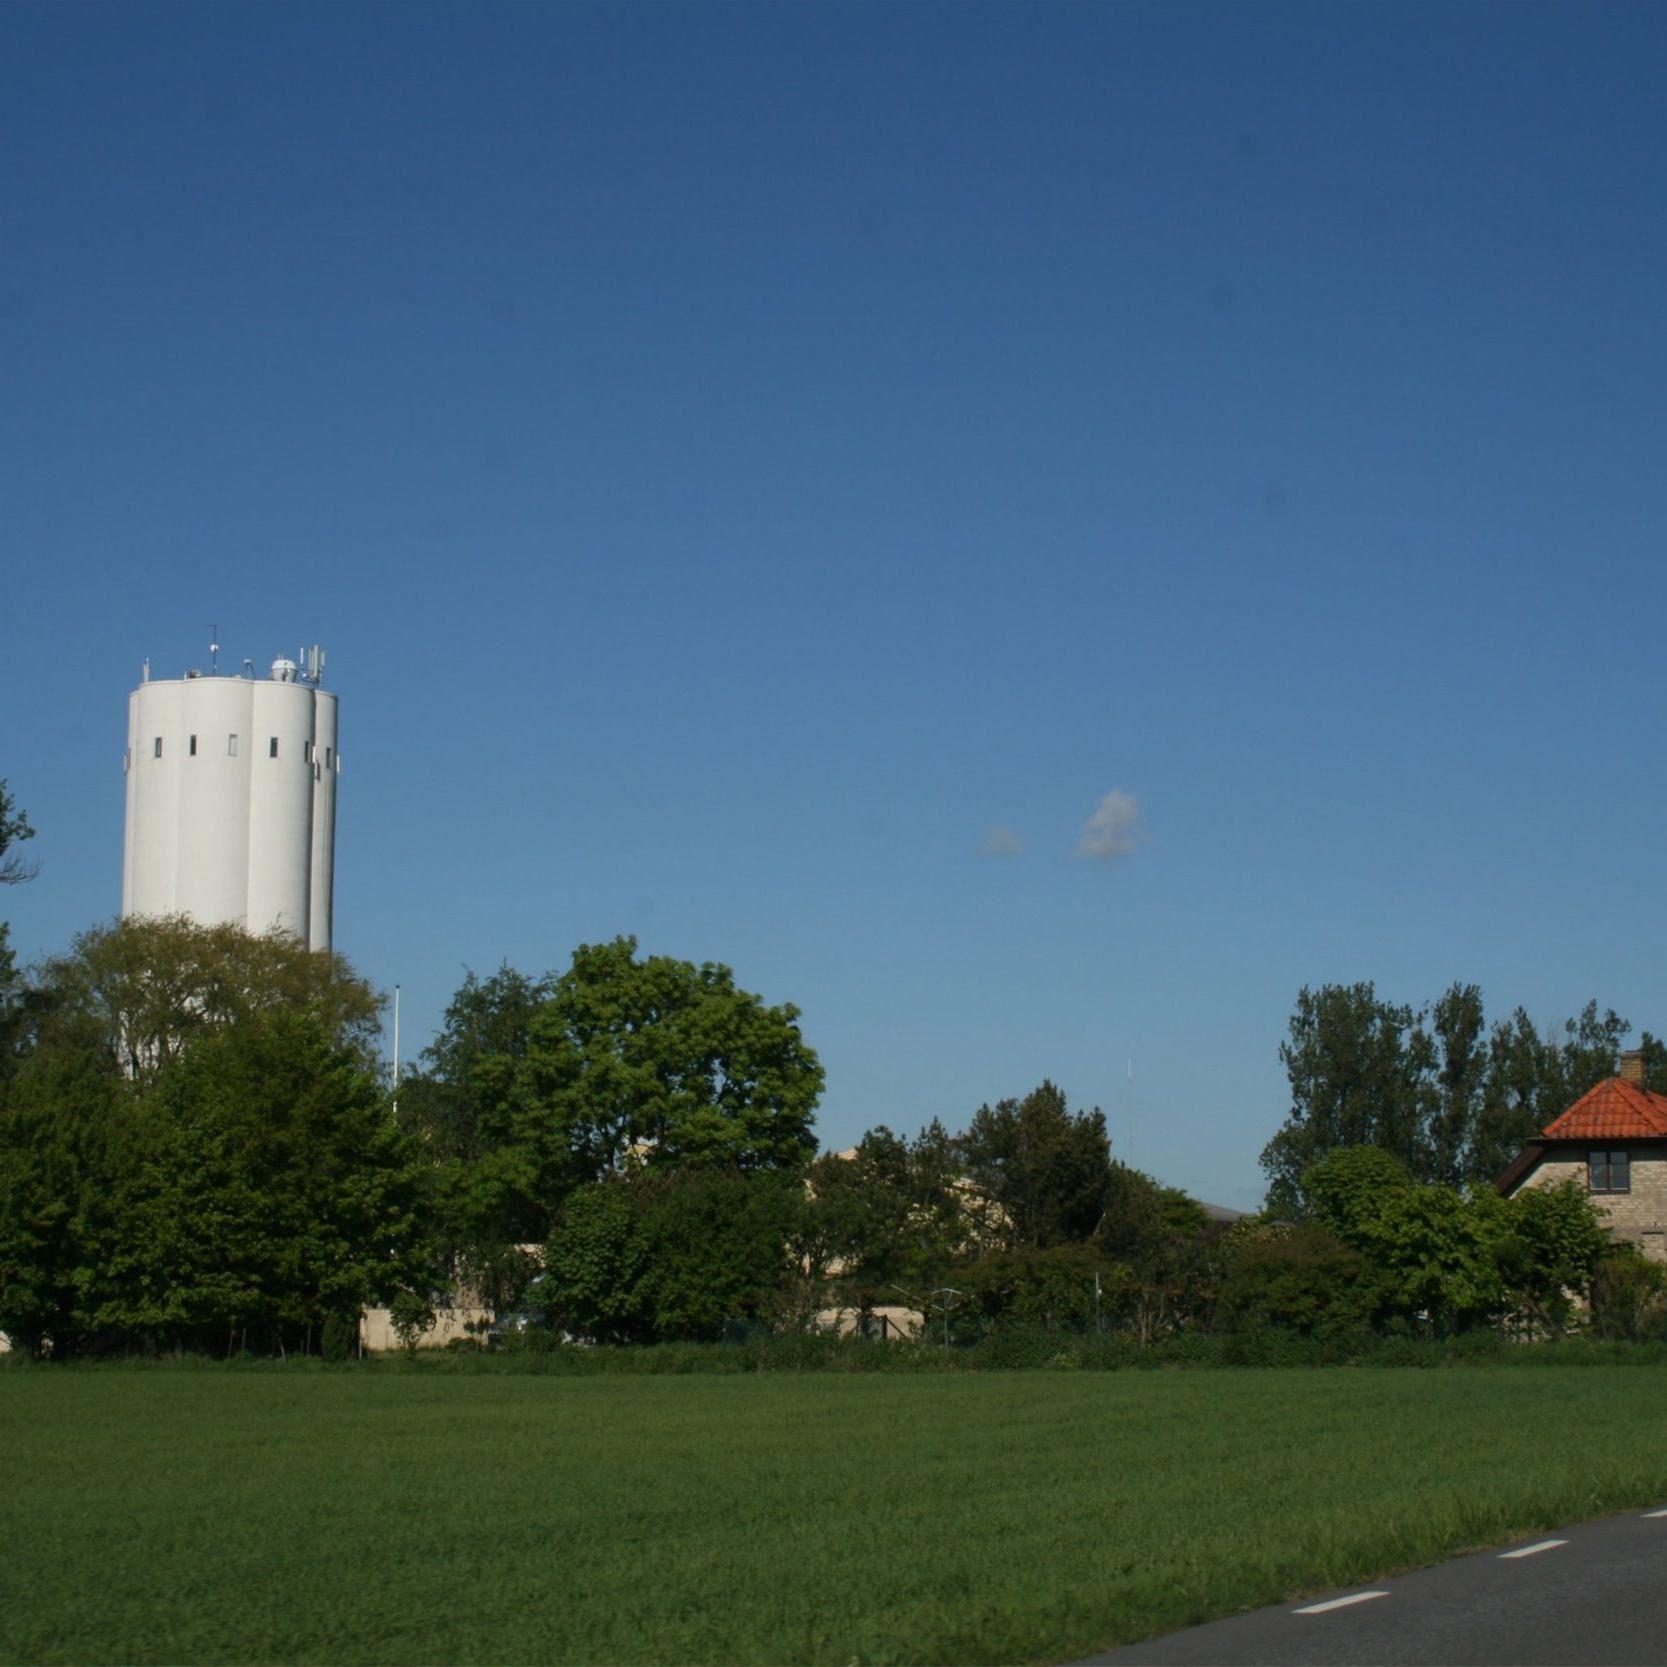 © Kävlinge kommun, Barsebäck Estate